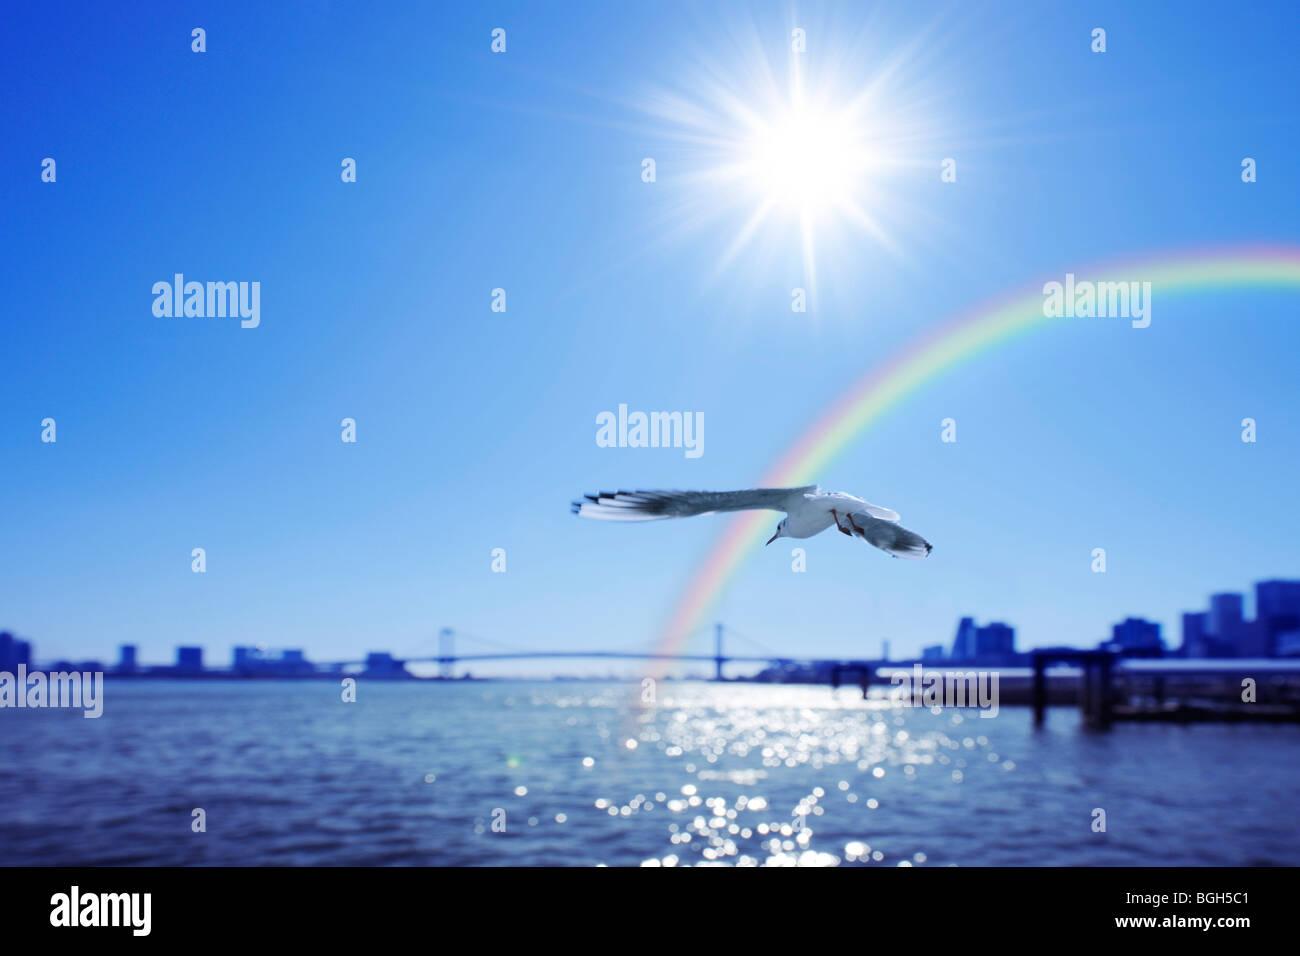 Seagull flying autour de port et un arc-en-ciel, Chuo-ku, Tokyo, Japon Banque D'Images